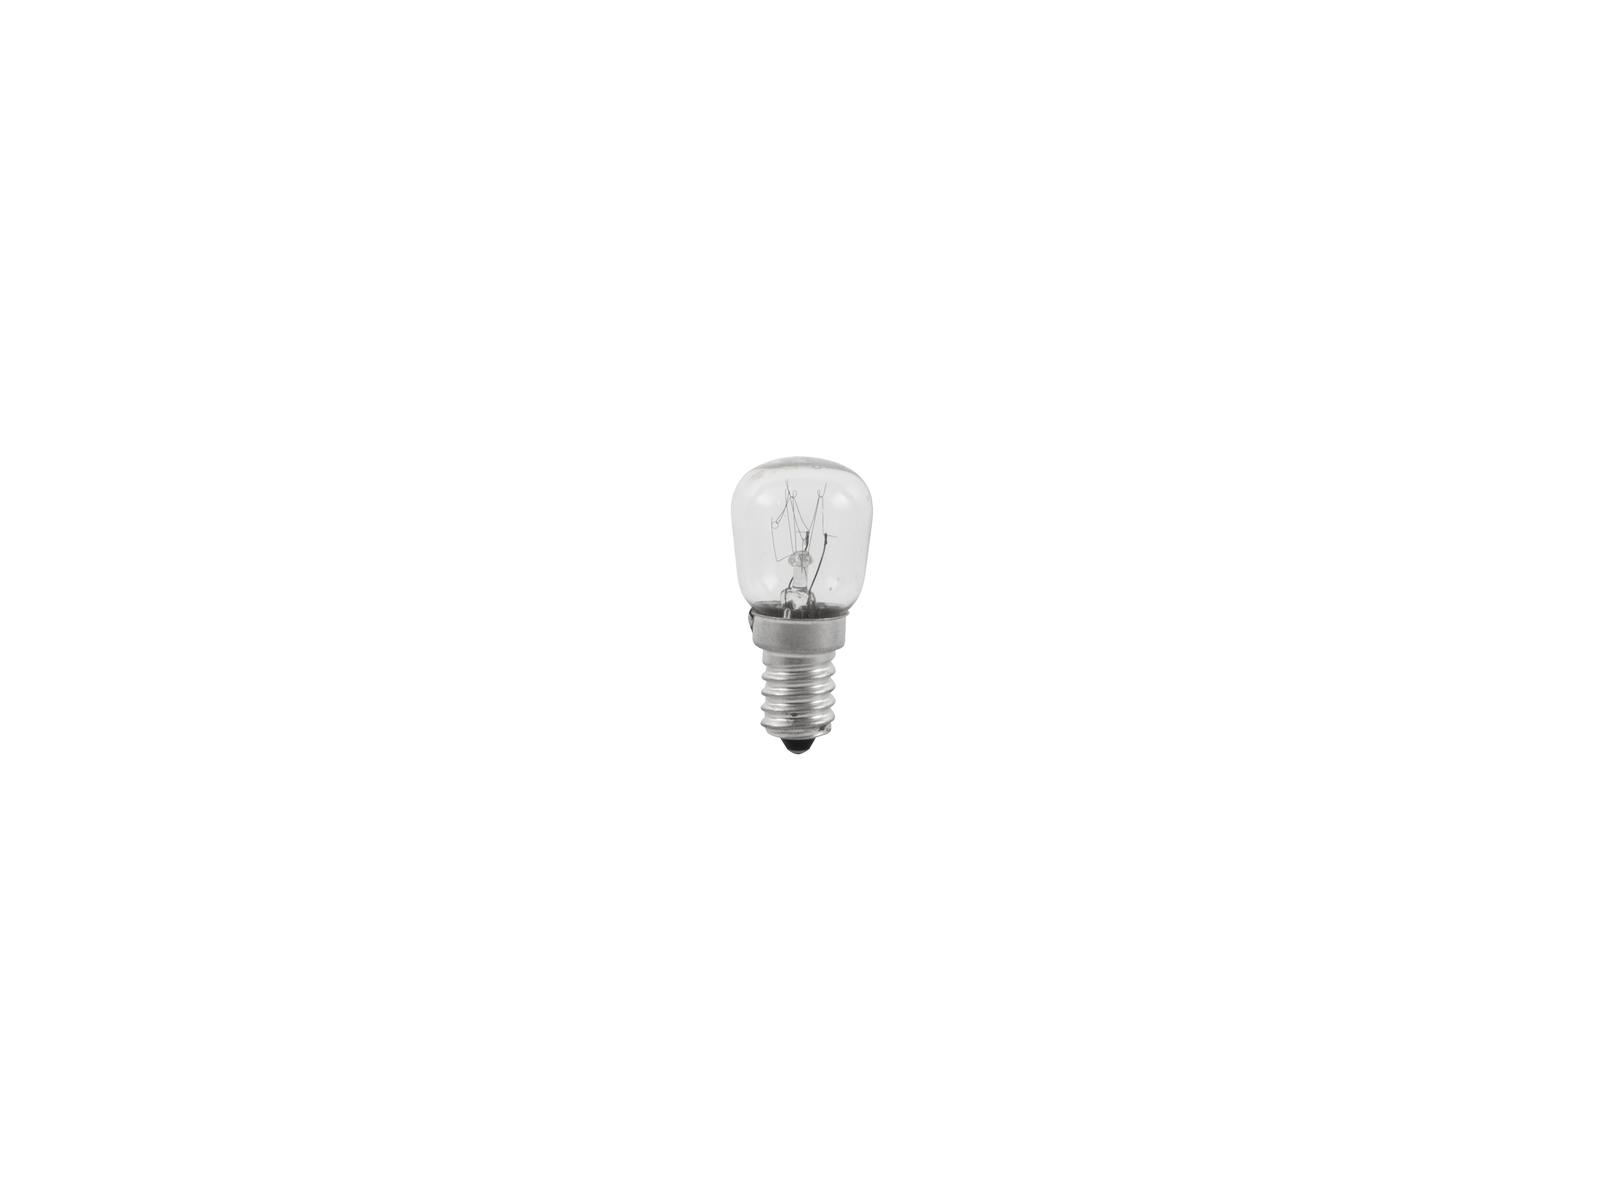 OMNILUX Carnevale lampada 230V/15W E-14 1000h